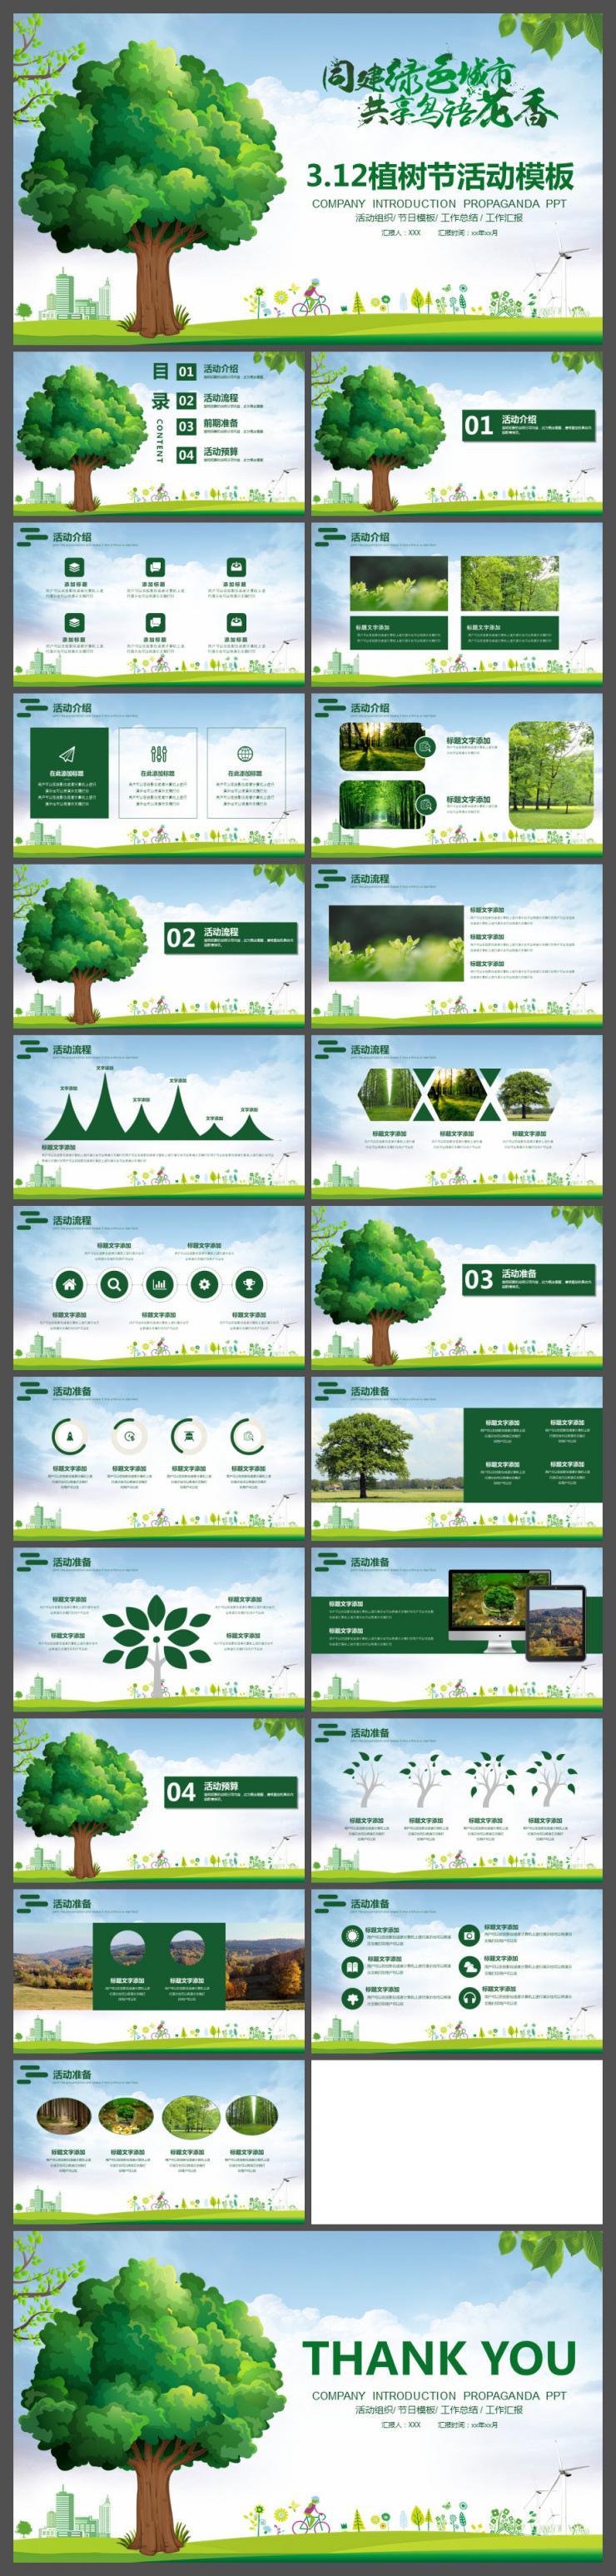 共建绿色城市312植树节活动策划组织PPT模板